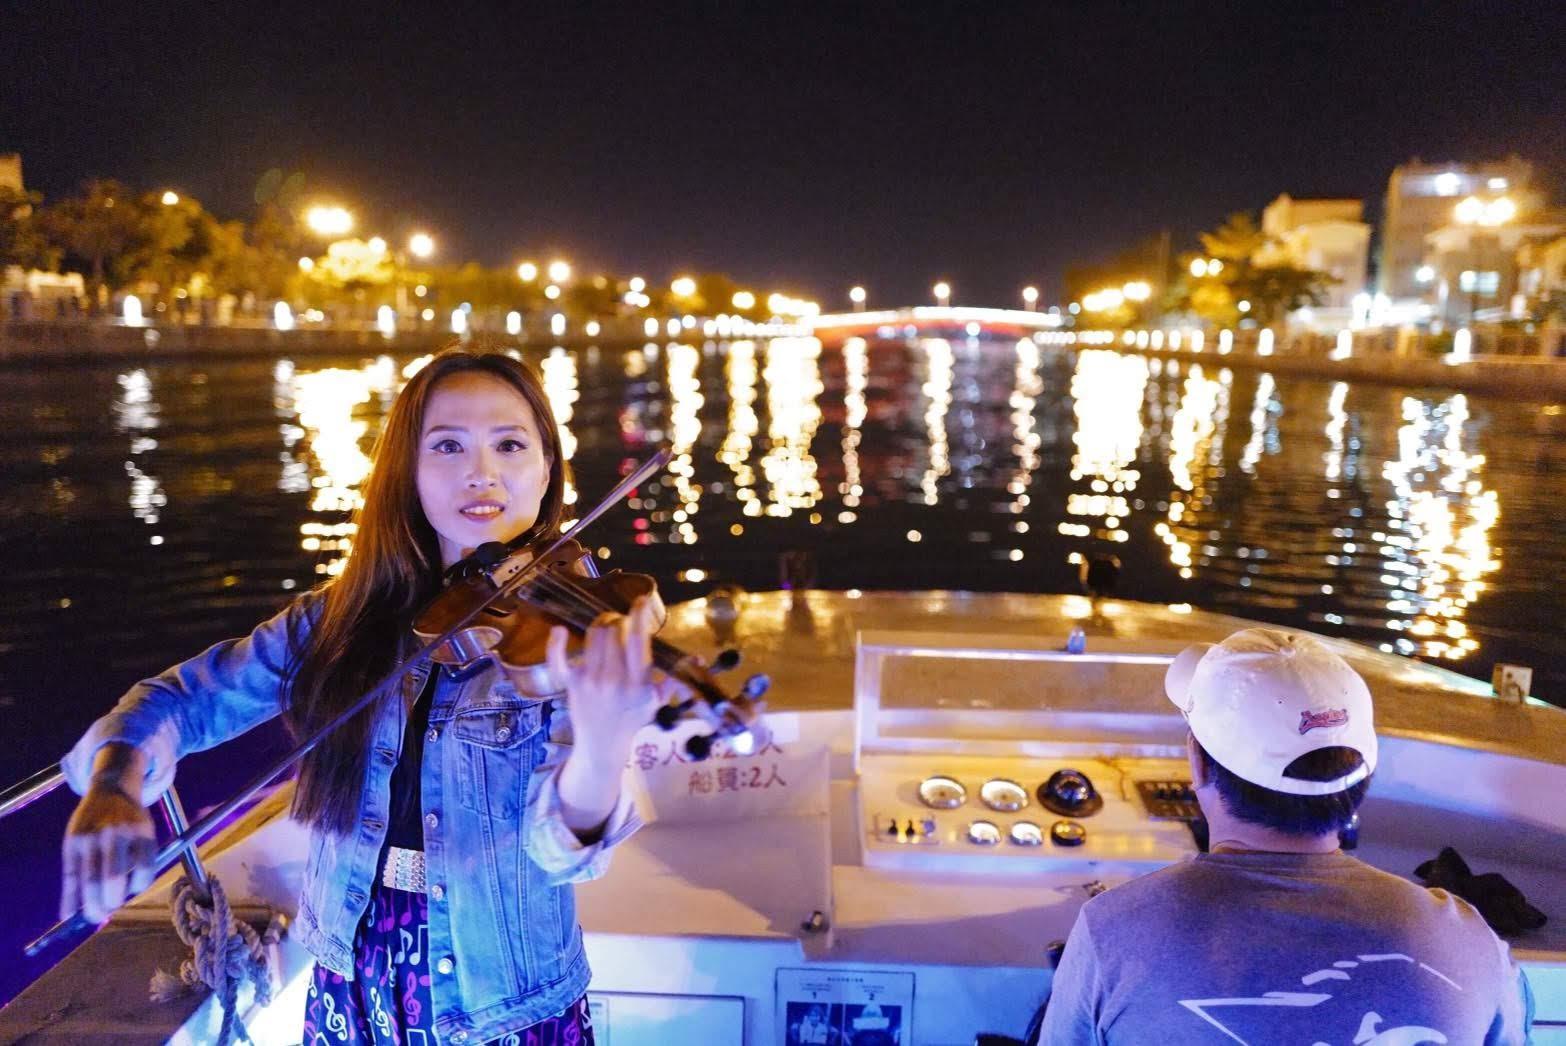 國慶連假搭船賞光雕優惠 安平運河夜遊浪漫又半價